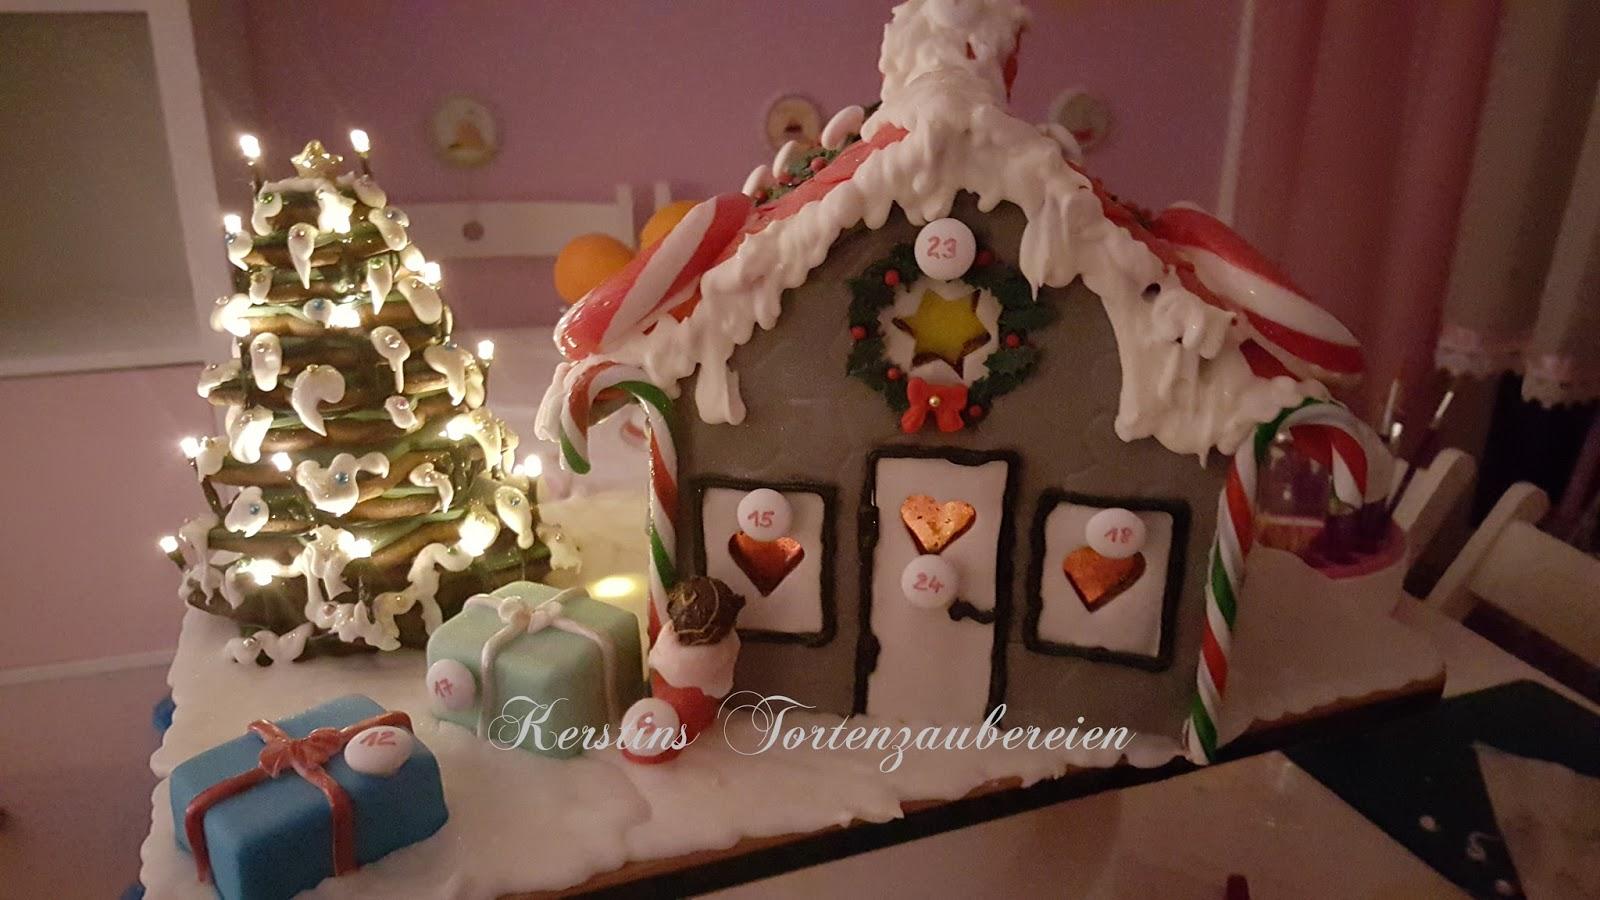 kerstins tortenzaubereien lebkuchenhaus adventskalender. Black Bedroom Furniture Sets. Home Design Ideas